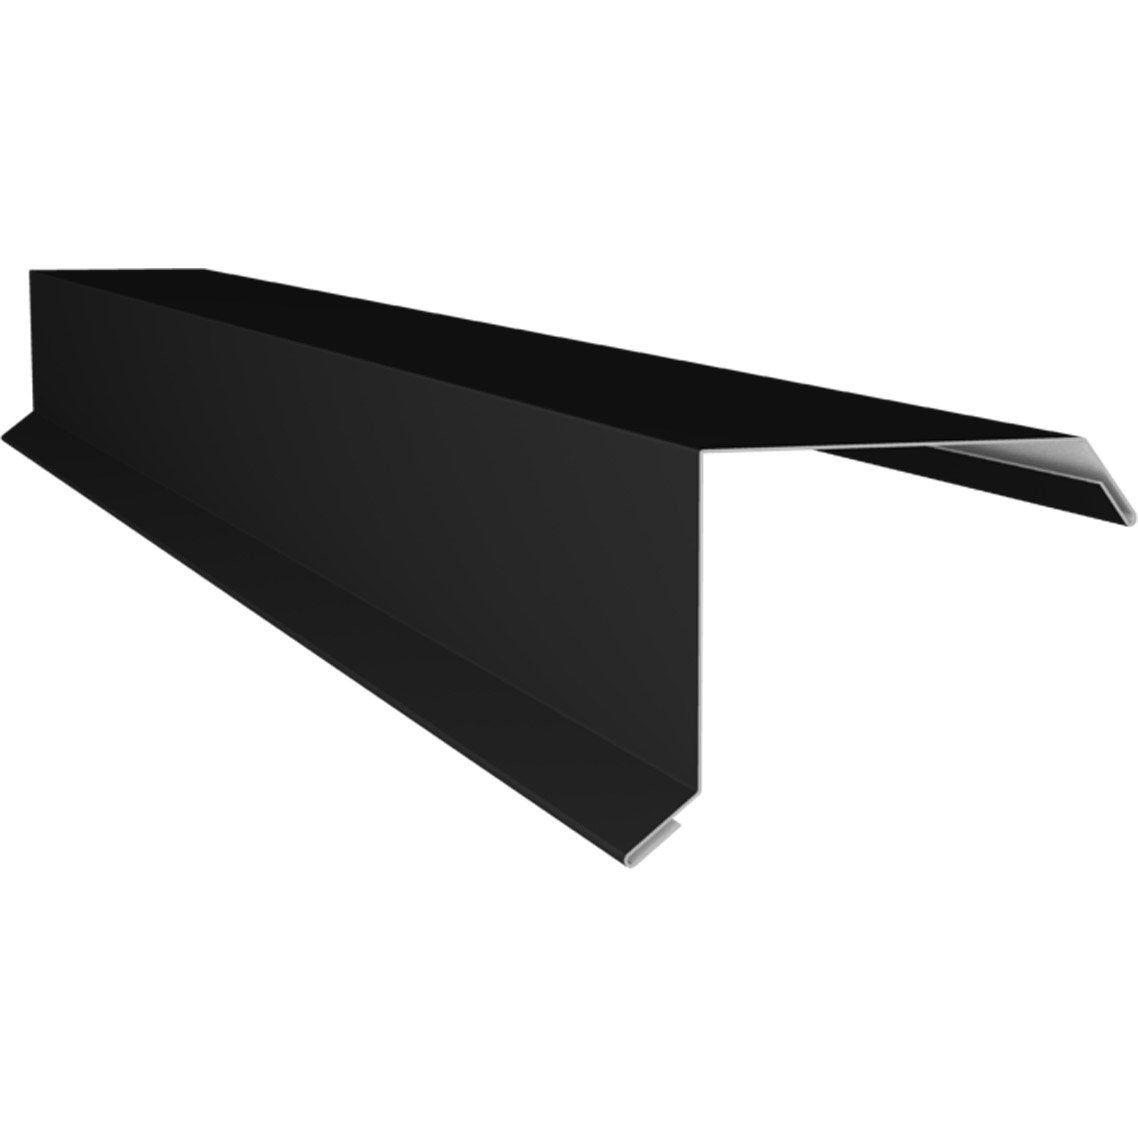 Rive Modtuile Et Turtuile Noir Mat L21 M Products En